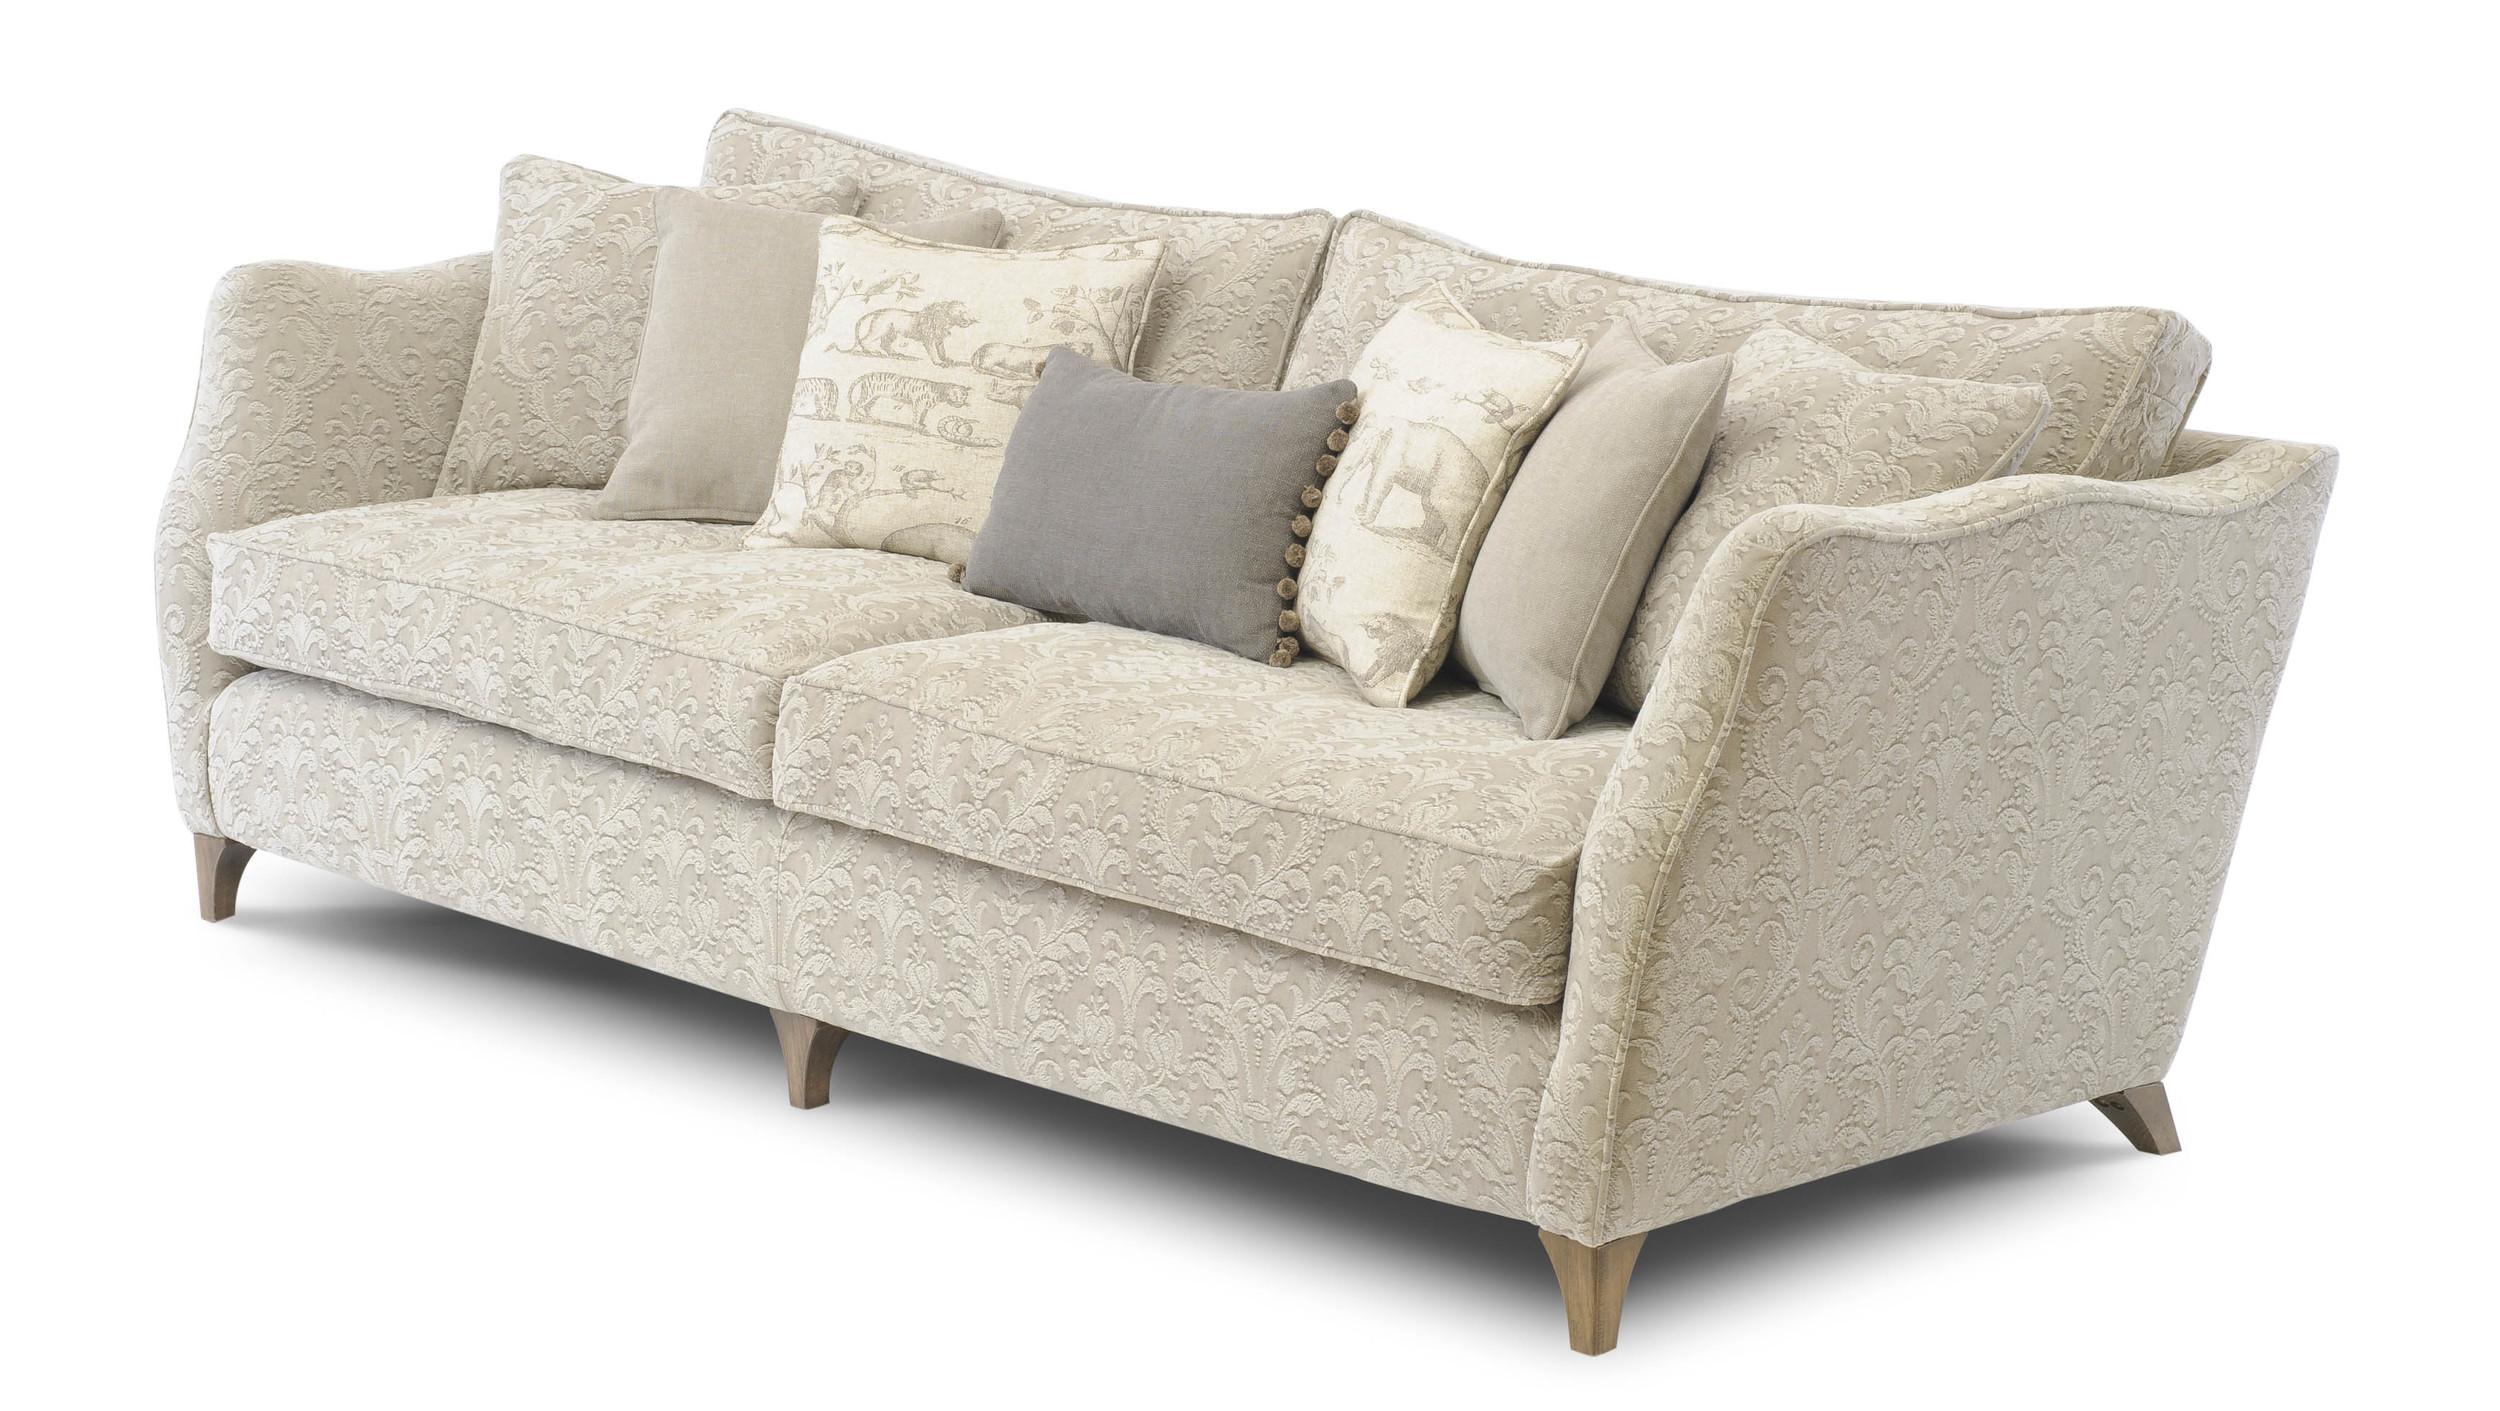 Cleeve 3st Sofa& Woodland chair & Stool-167.jpg